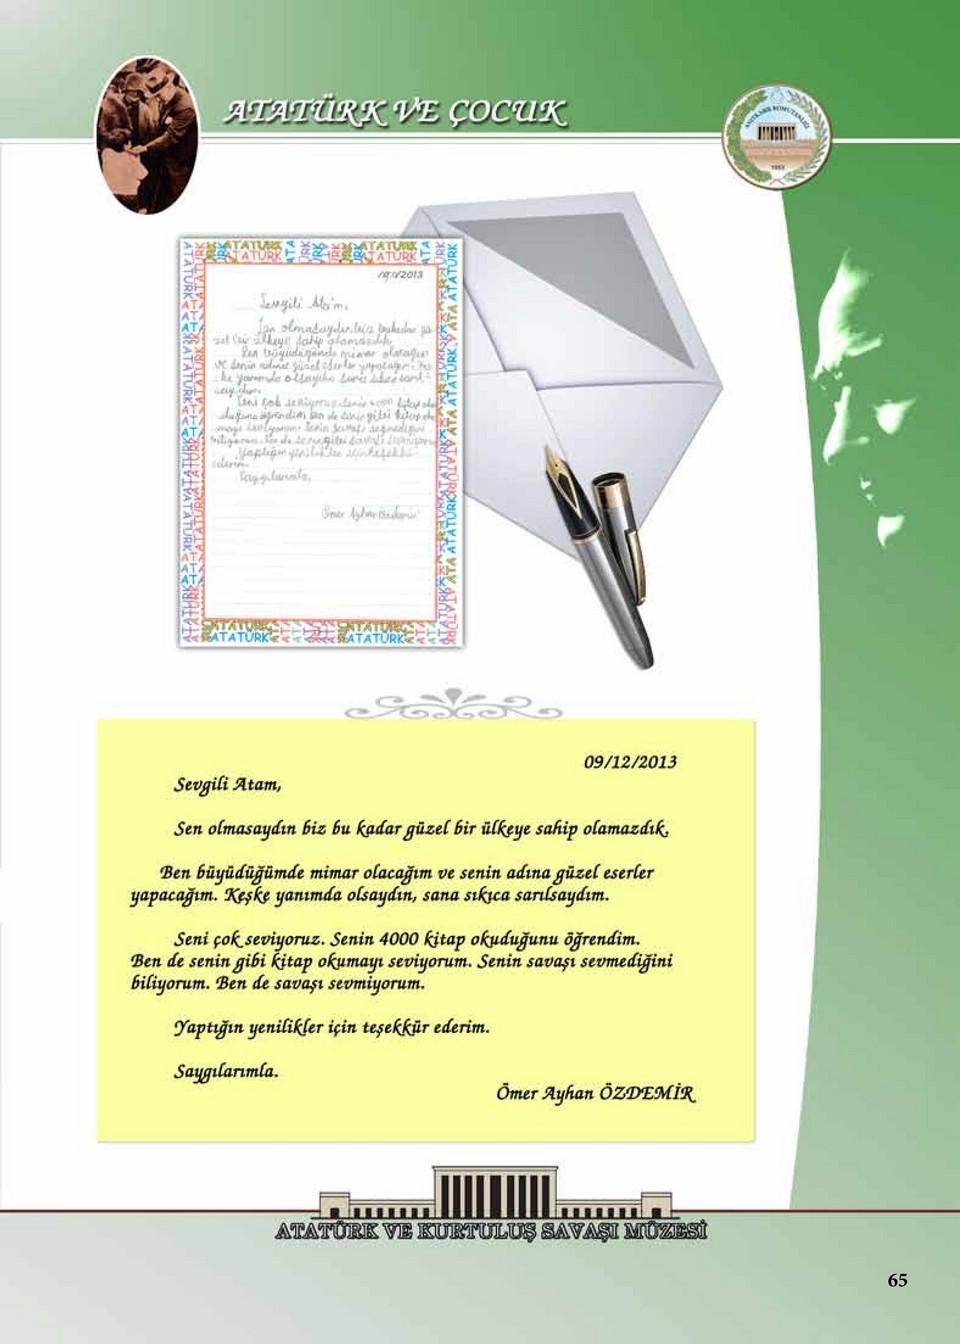 ataturkvecocuk-page-067